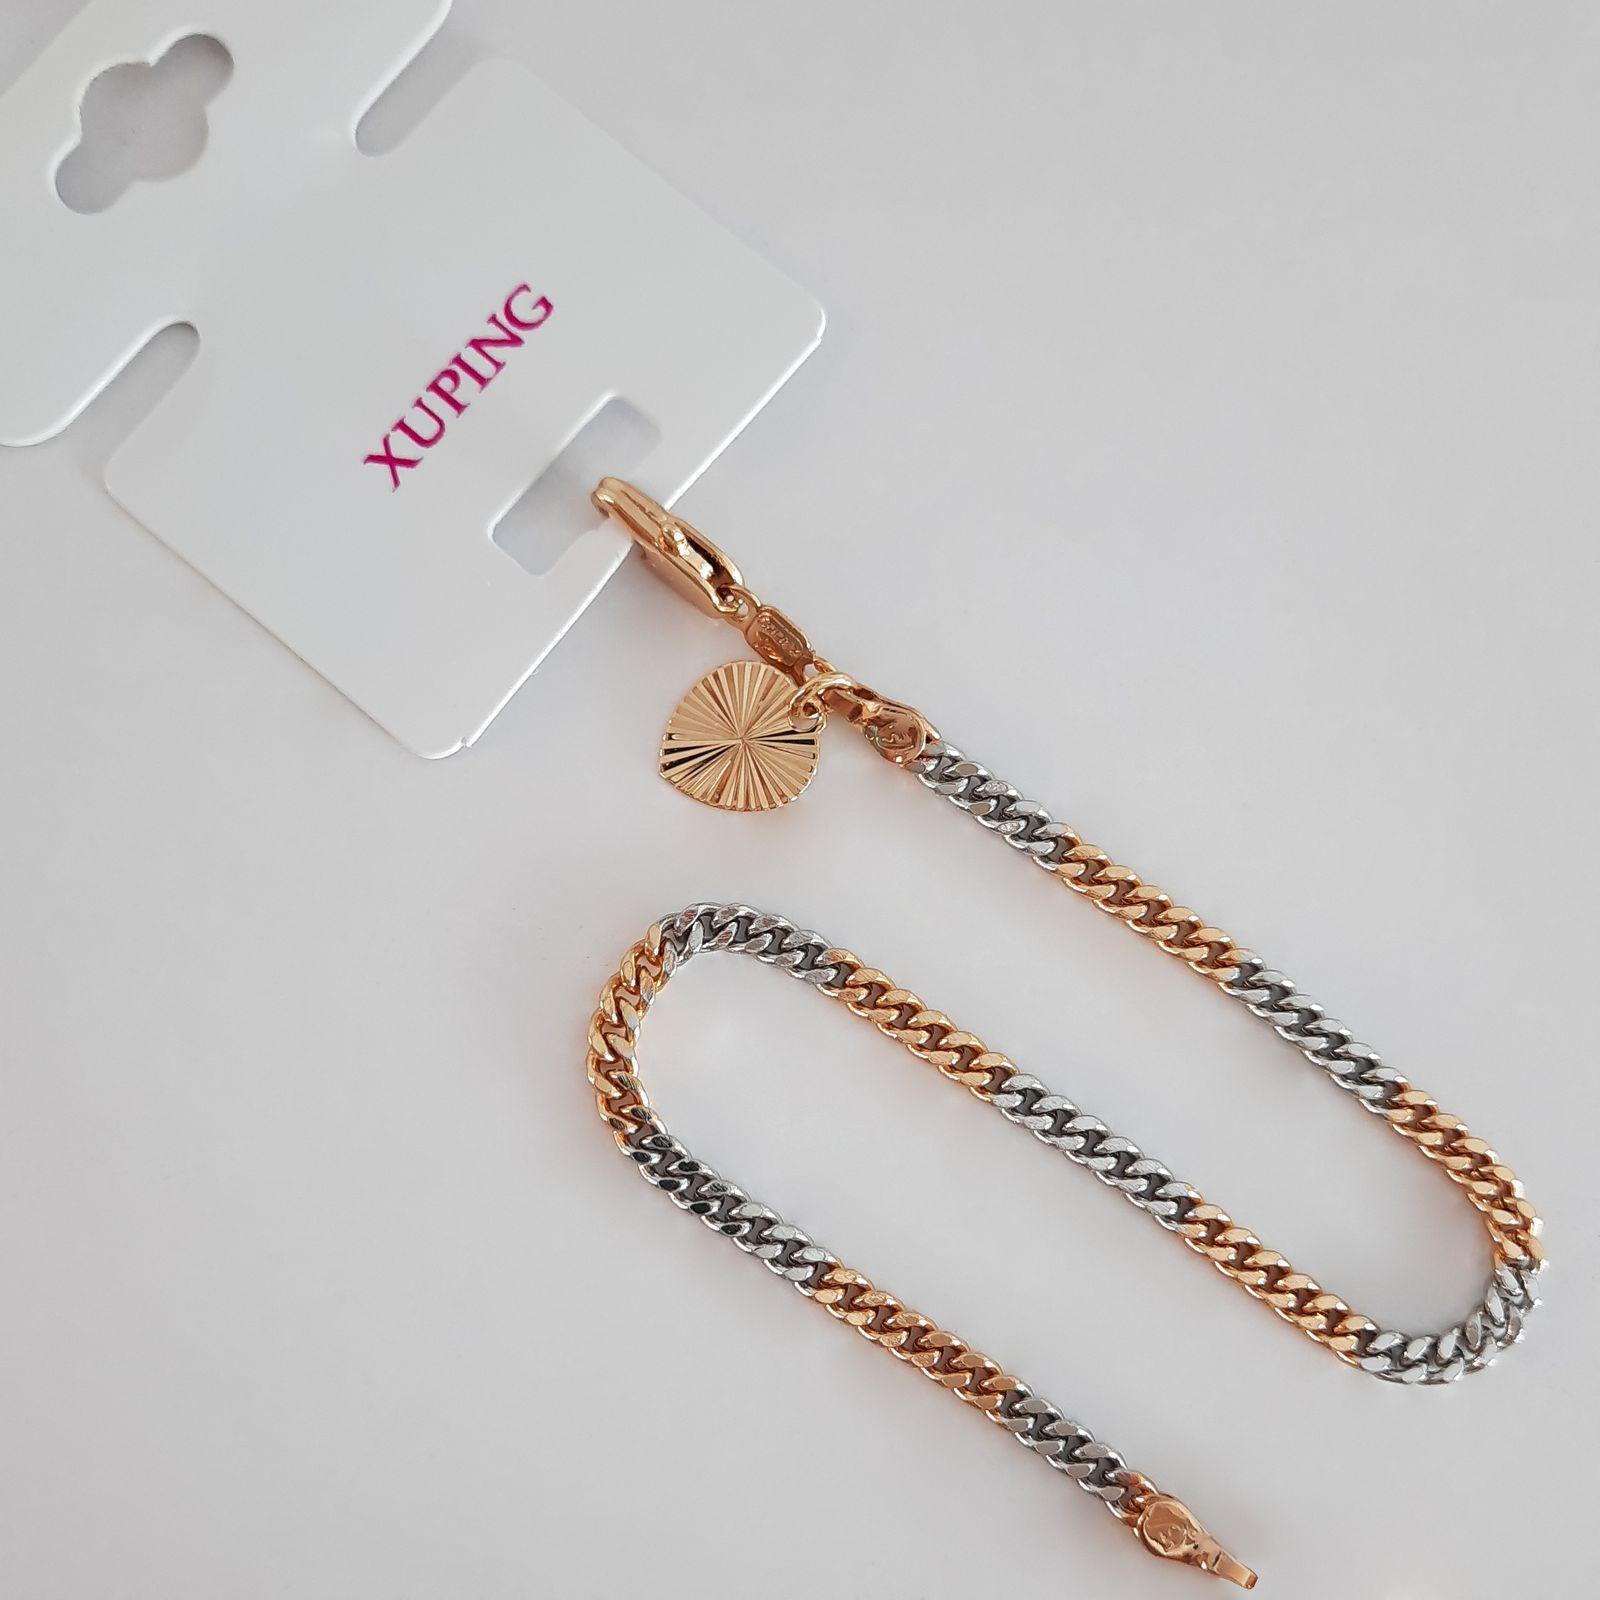 دستبند زنانه ژوپینگ کد XP237 -  - 4